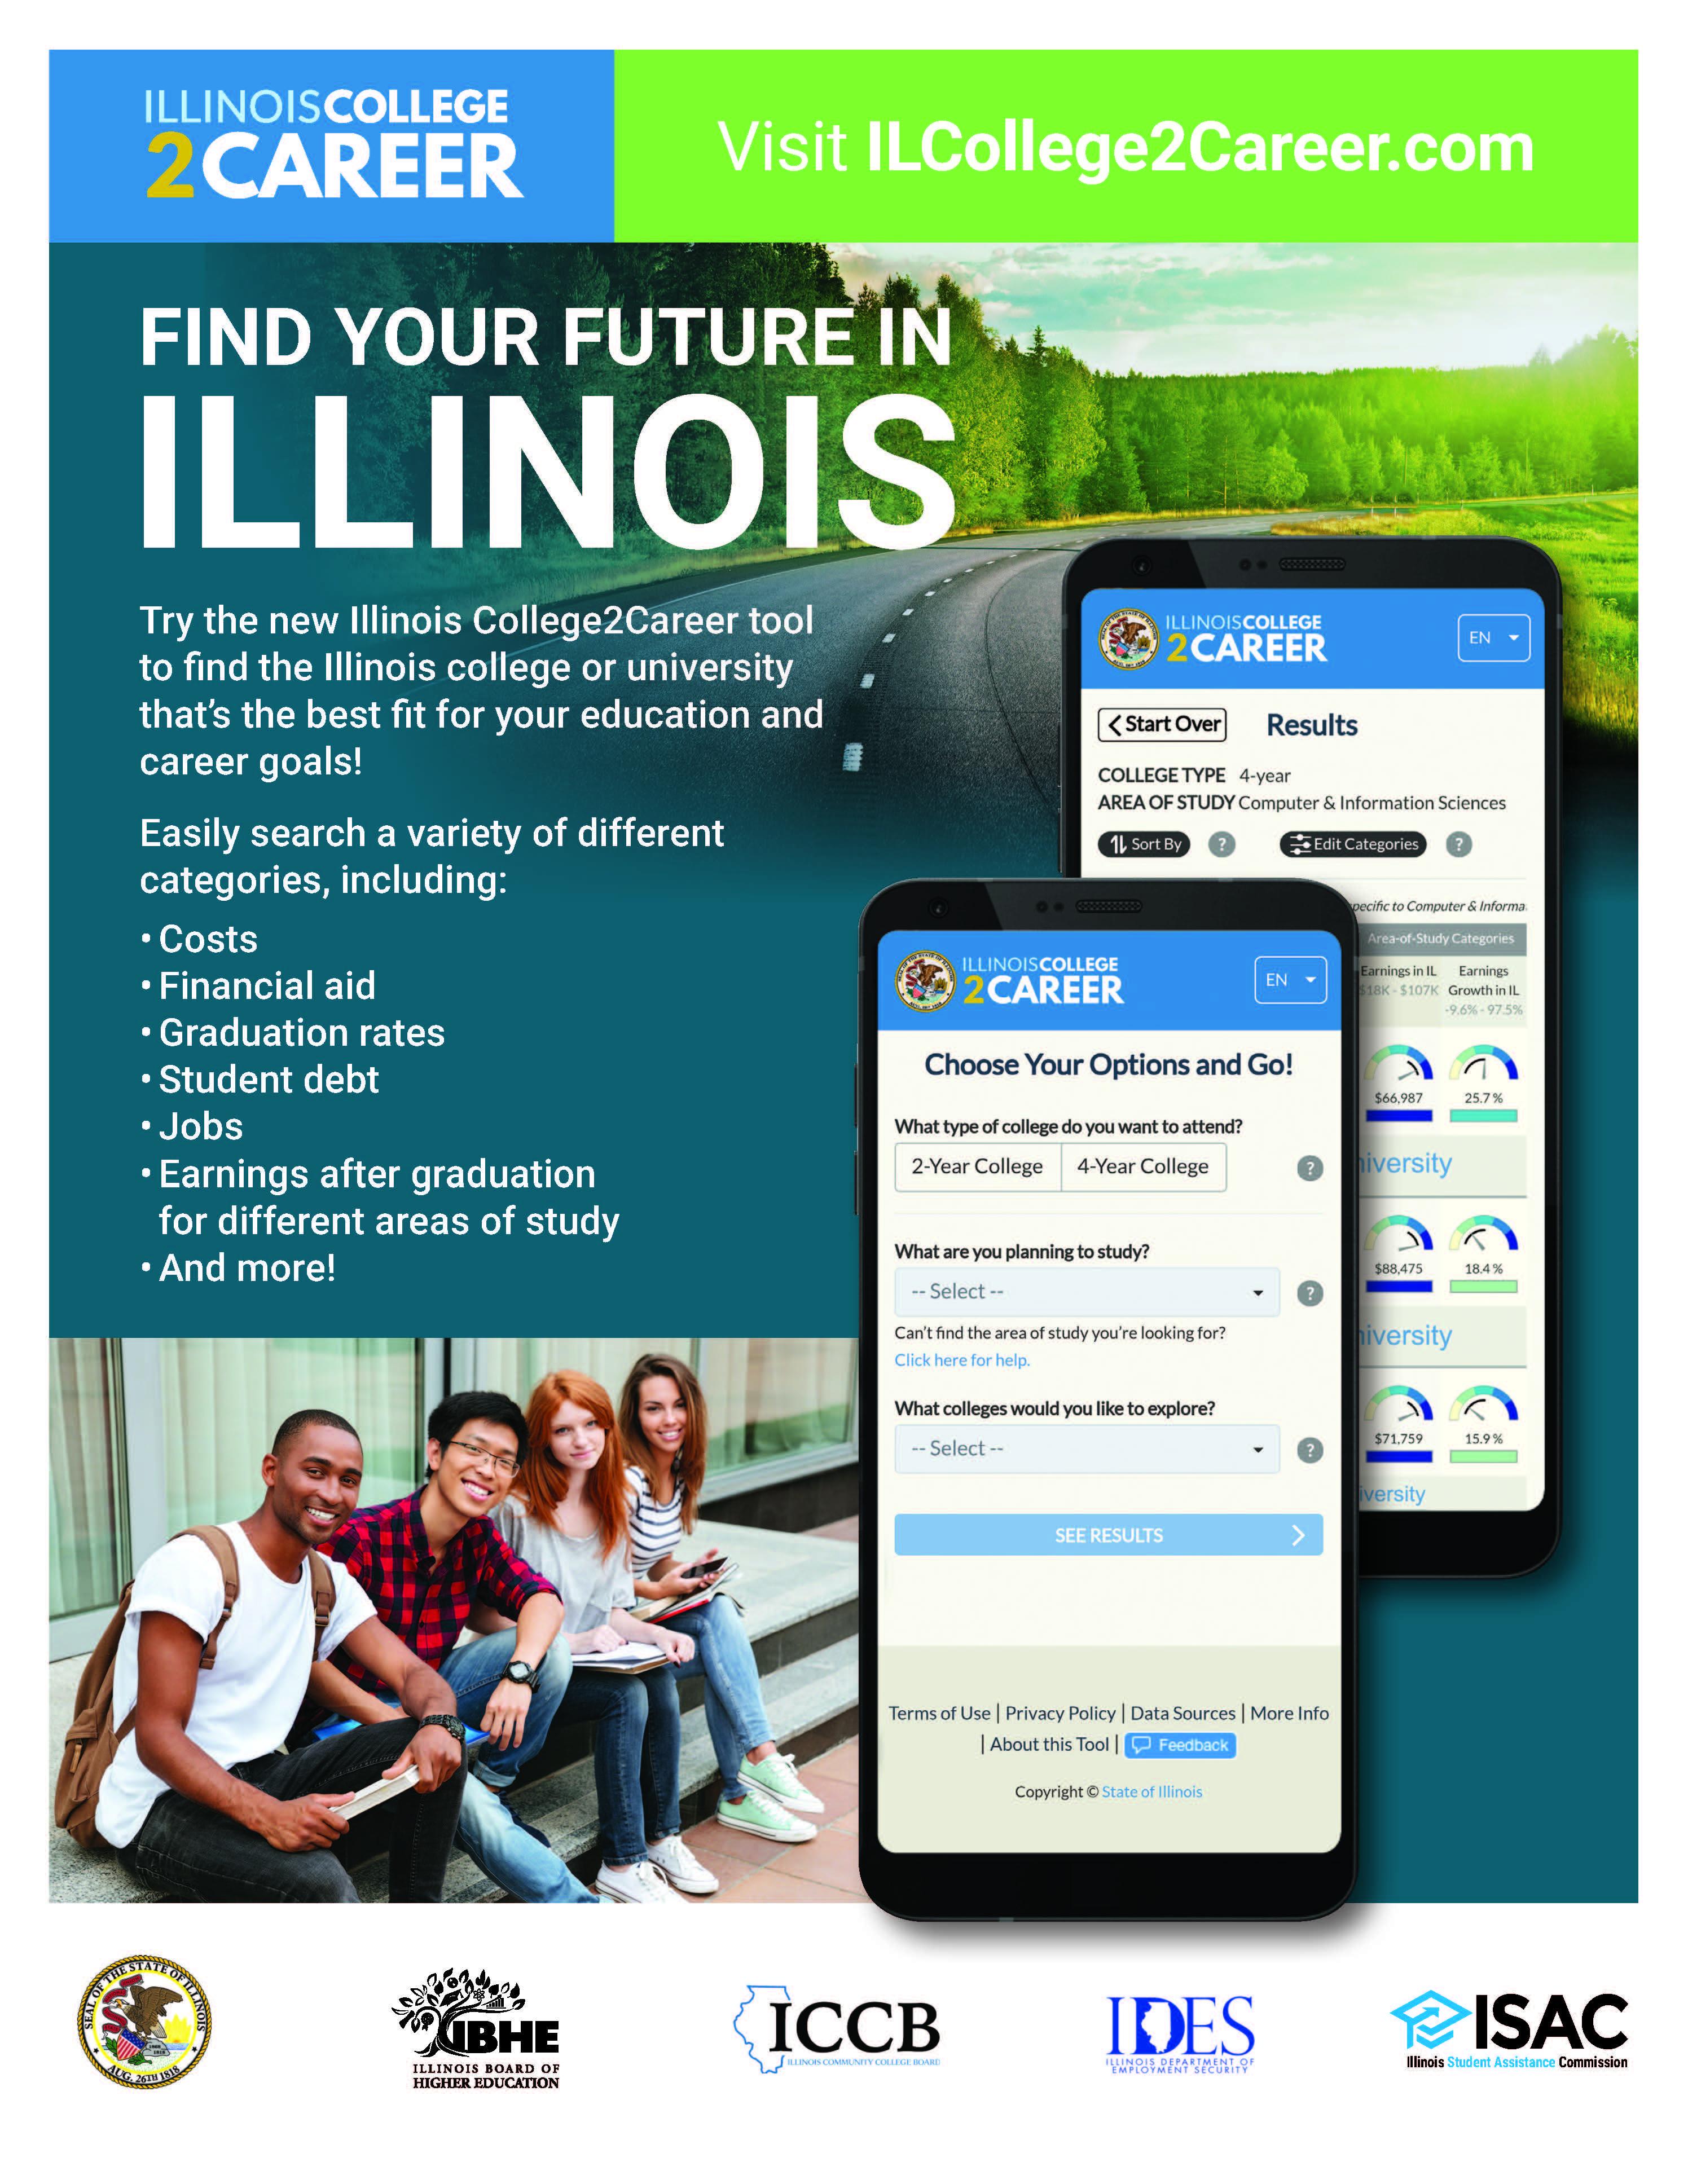 Illinois College2Career Tool